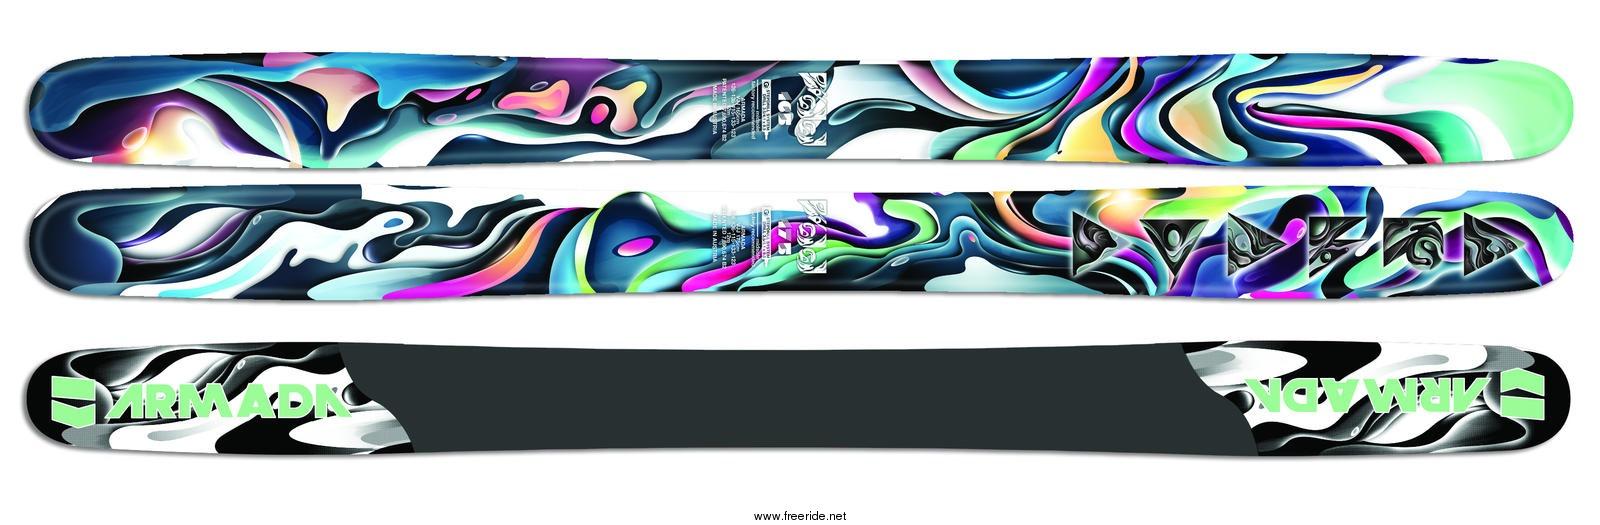 Gear guide 2014 skis armada vjj 2014 armada vjj 2014